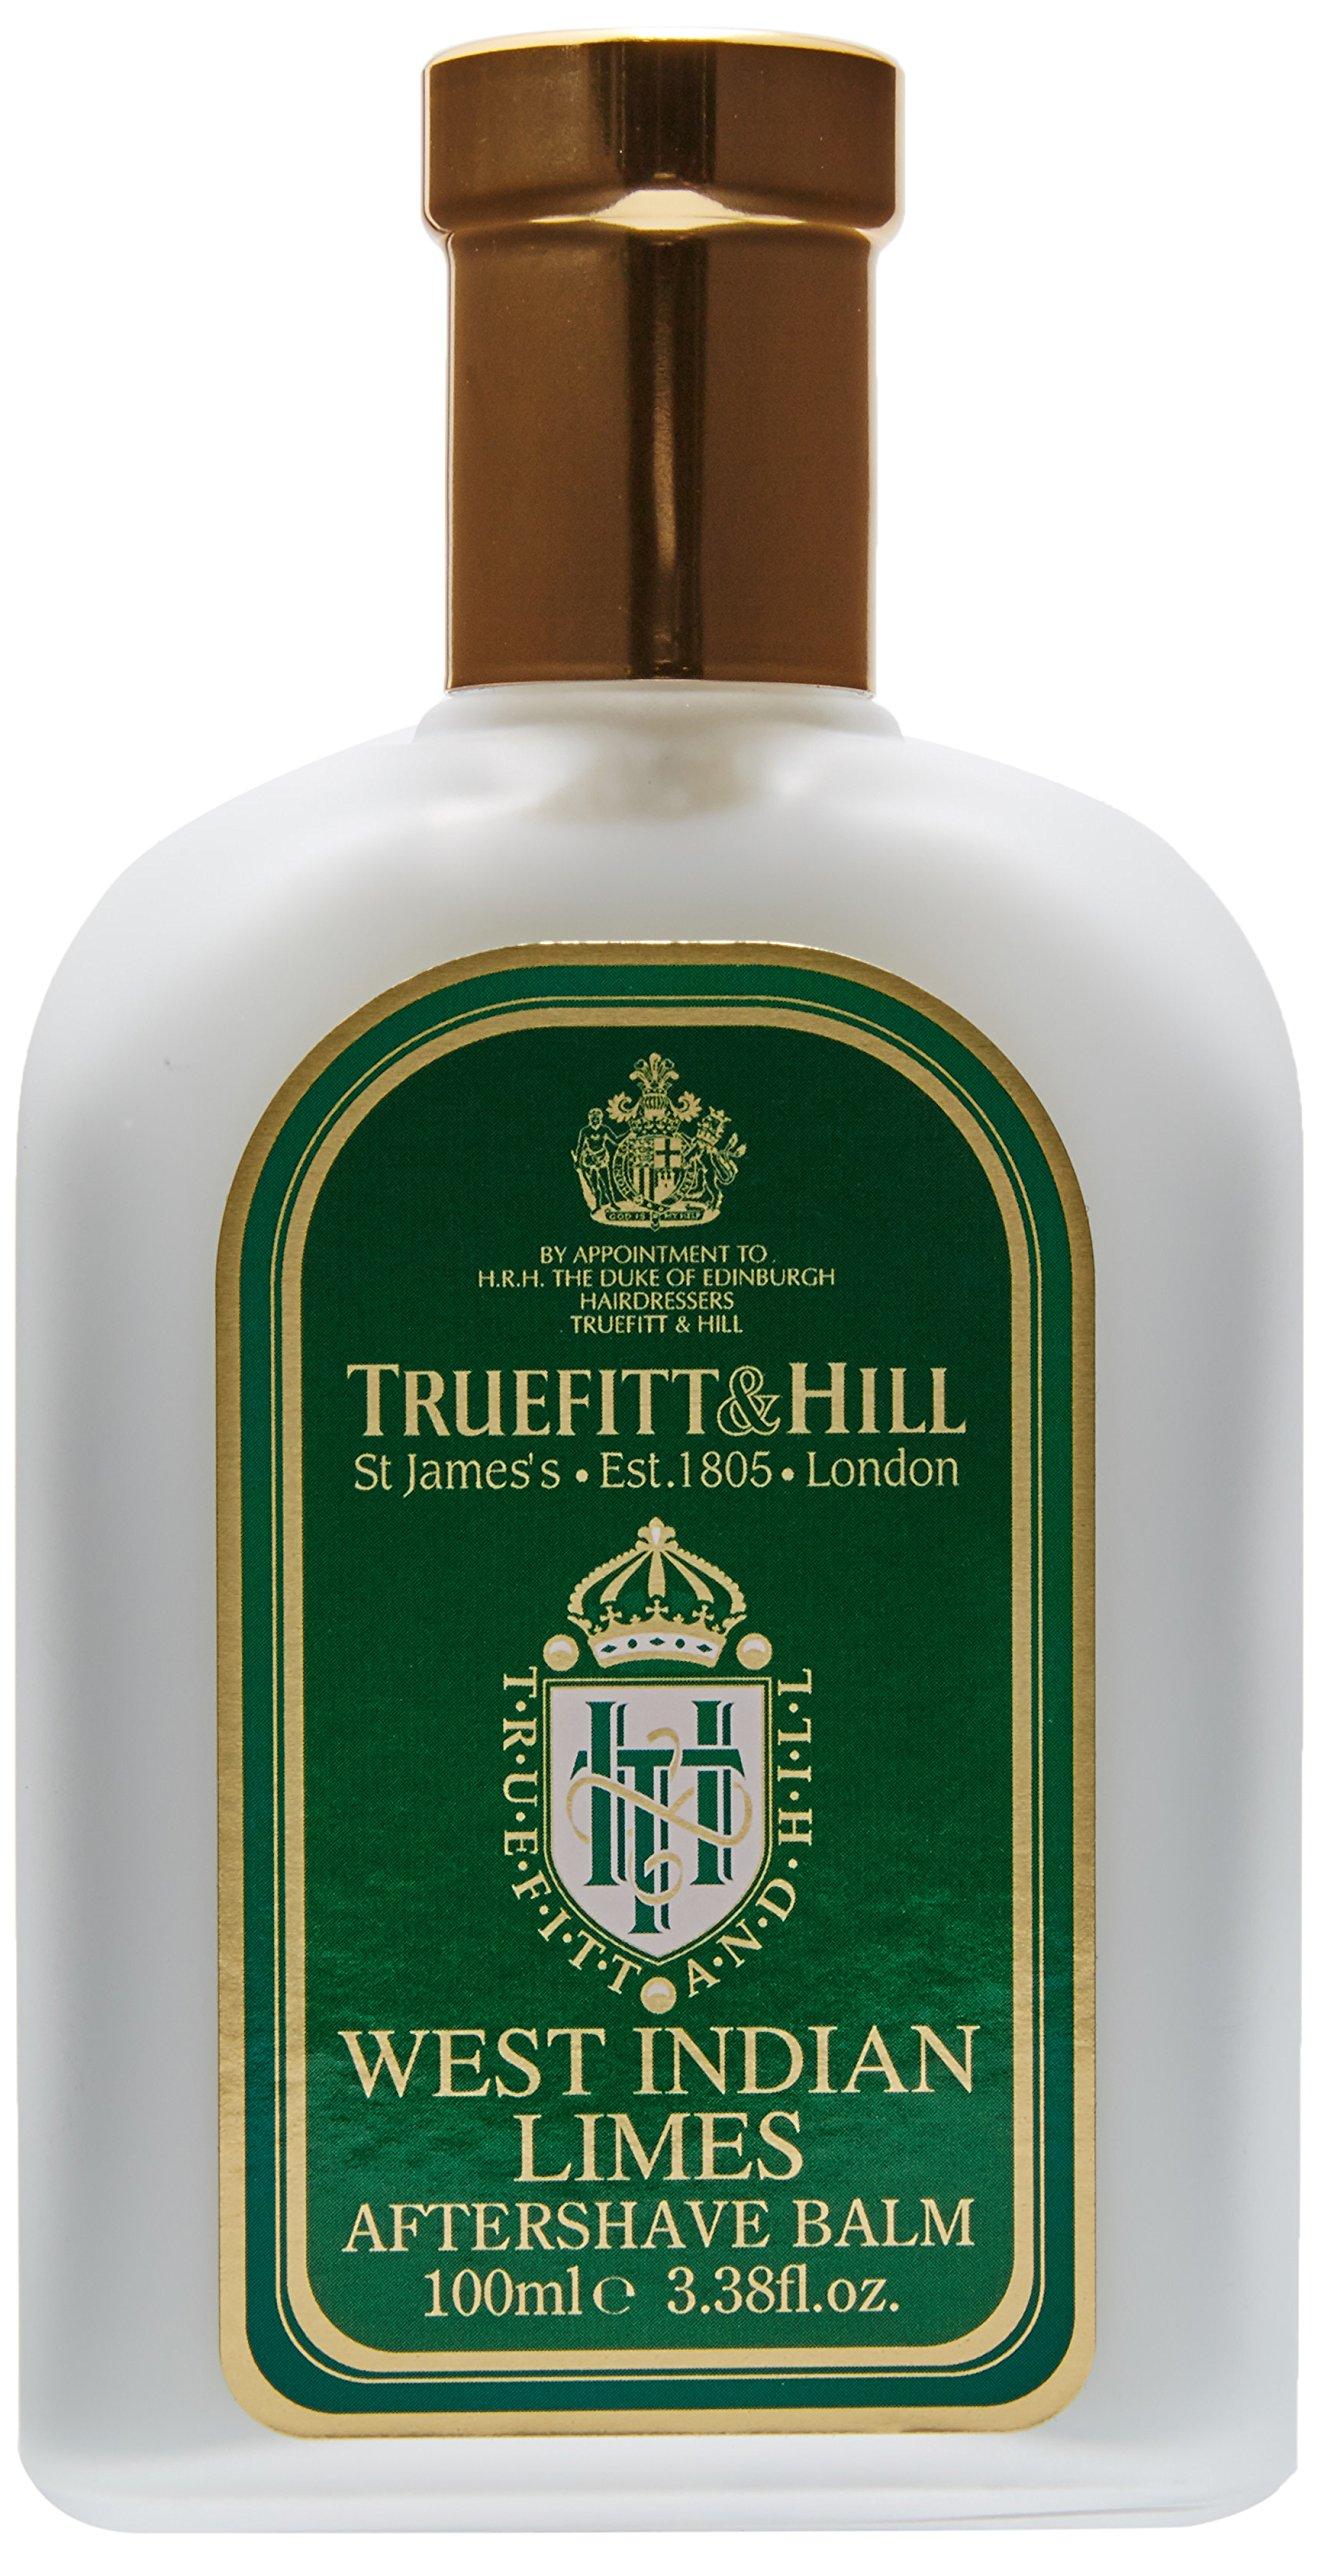 Truefitt & Hill West Indian Limes After Shave Balm 100ml/3.38oz